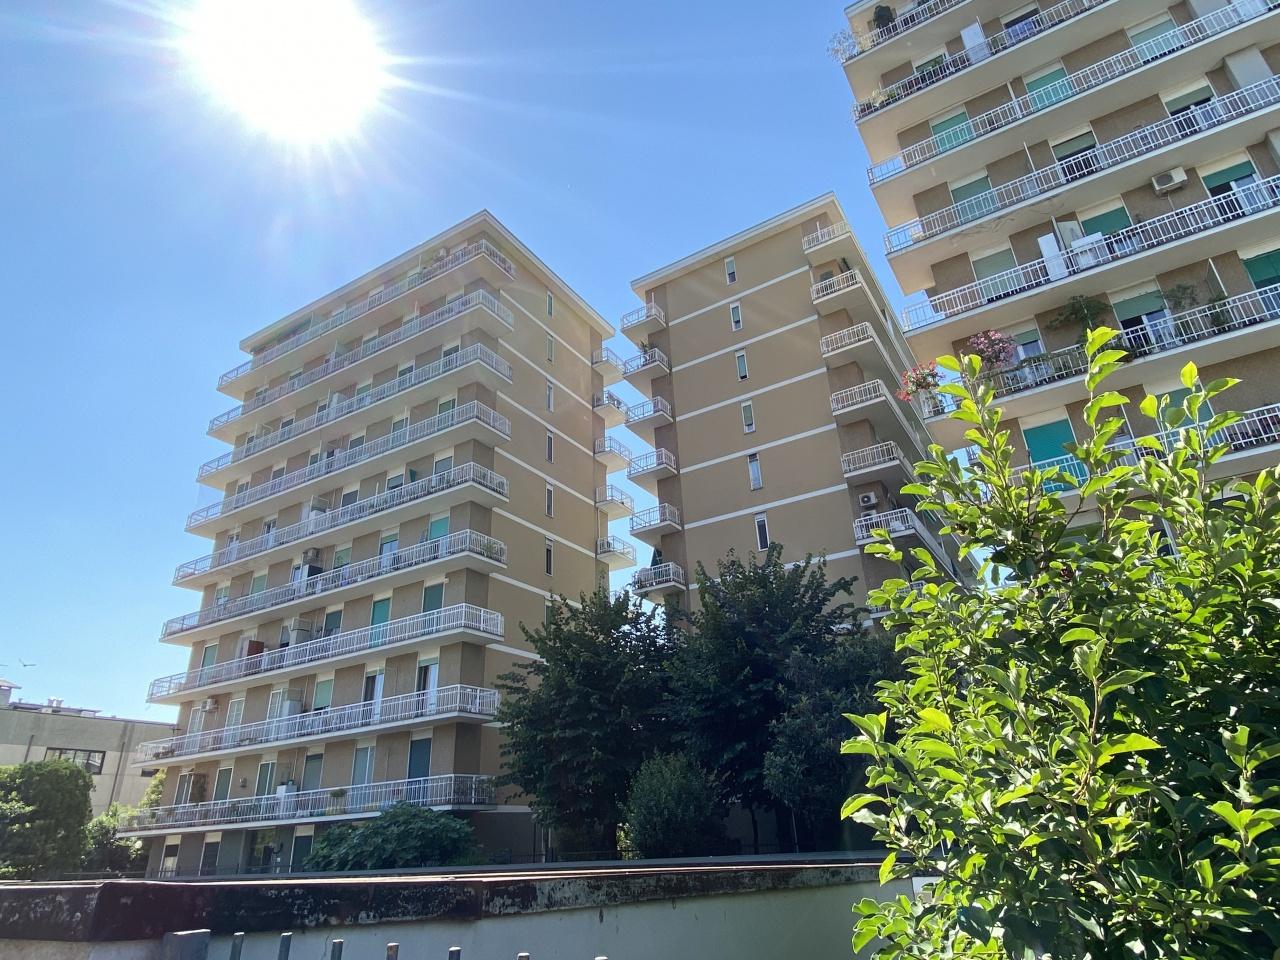 Appartamento in vendita a Pioltello, 1 locali, prezzo € 55.000 | PortaleAgenzieImmobiliari.it